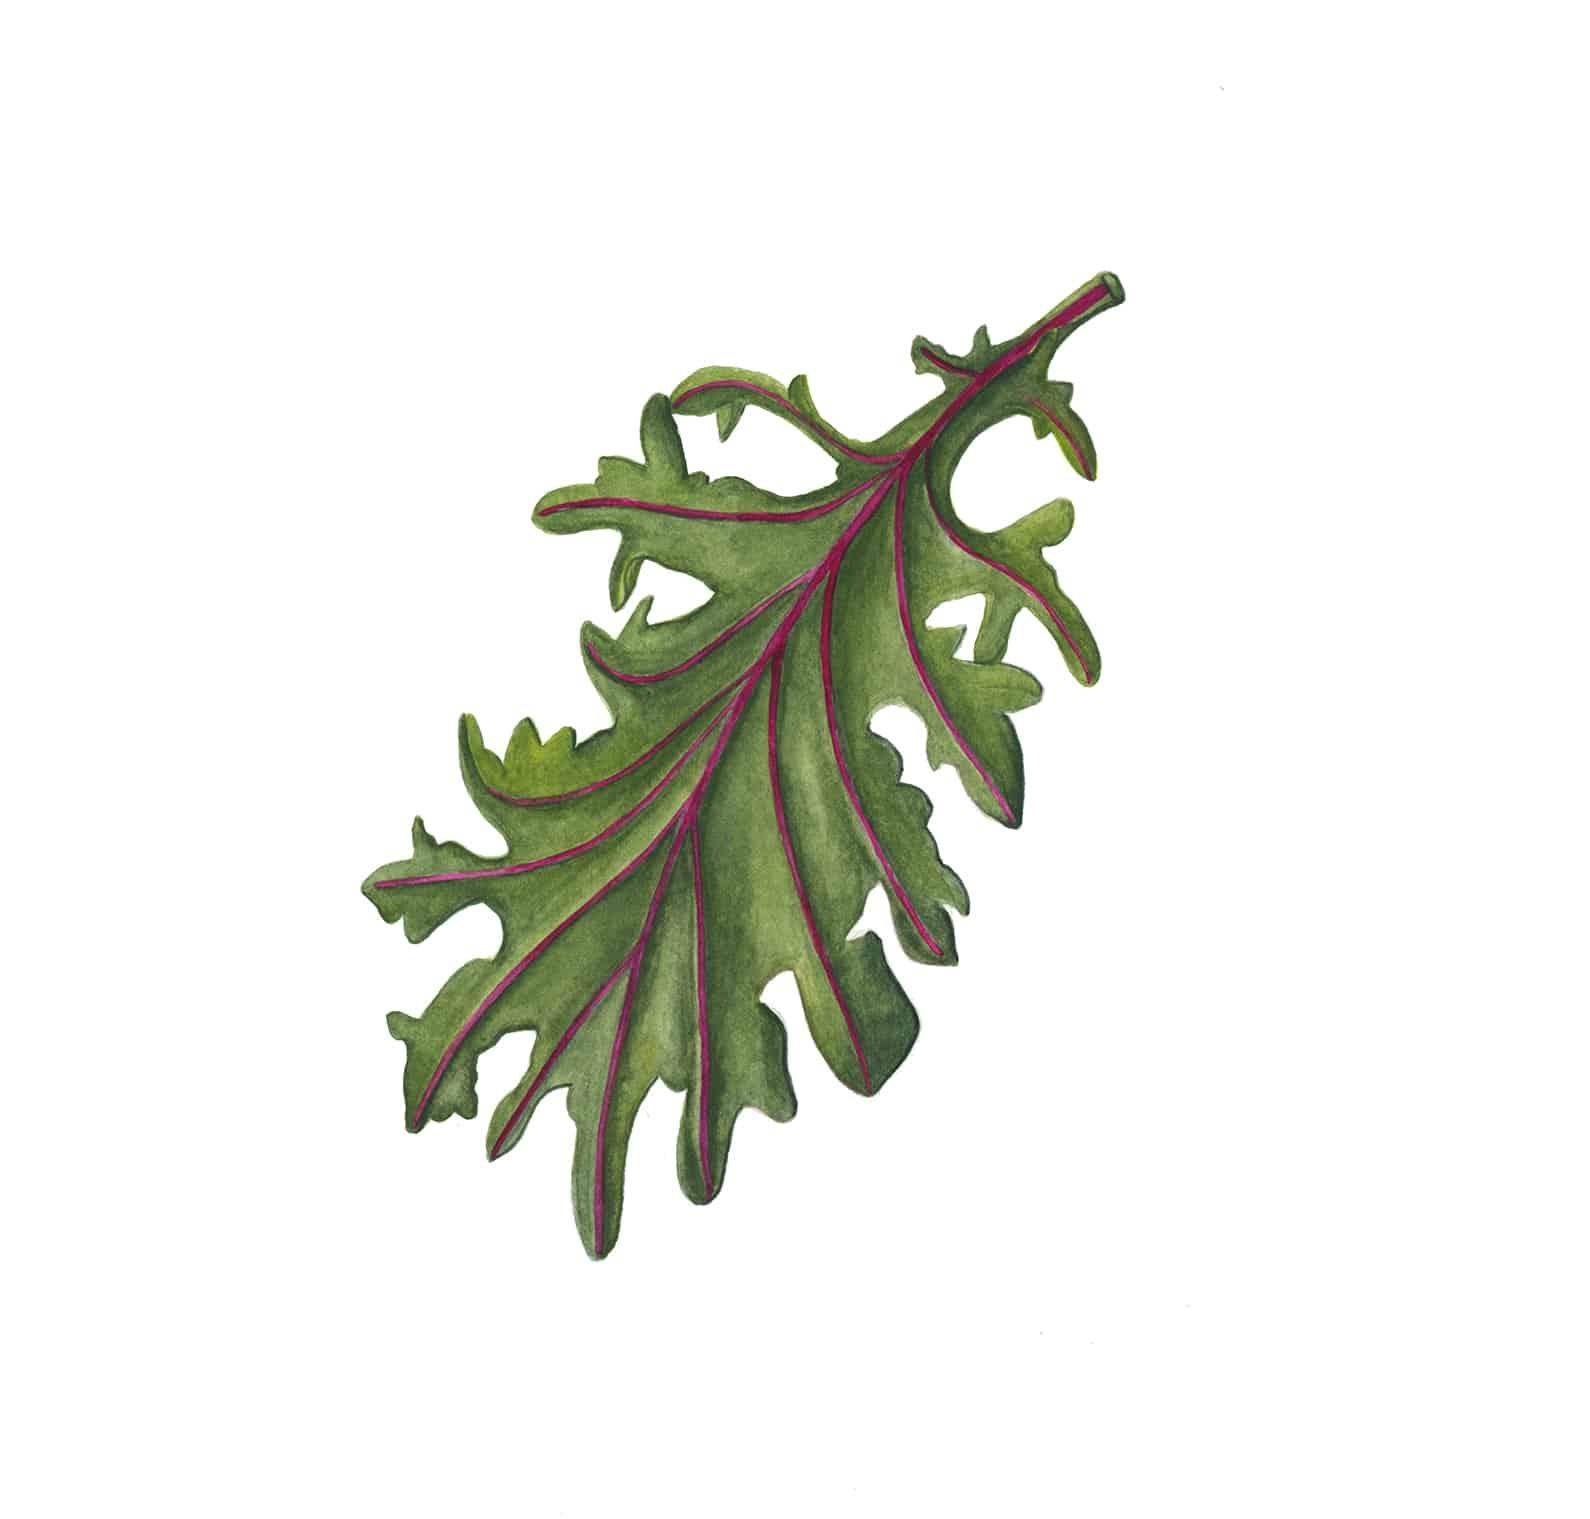 caras-garden-kale